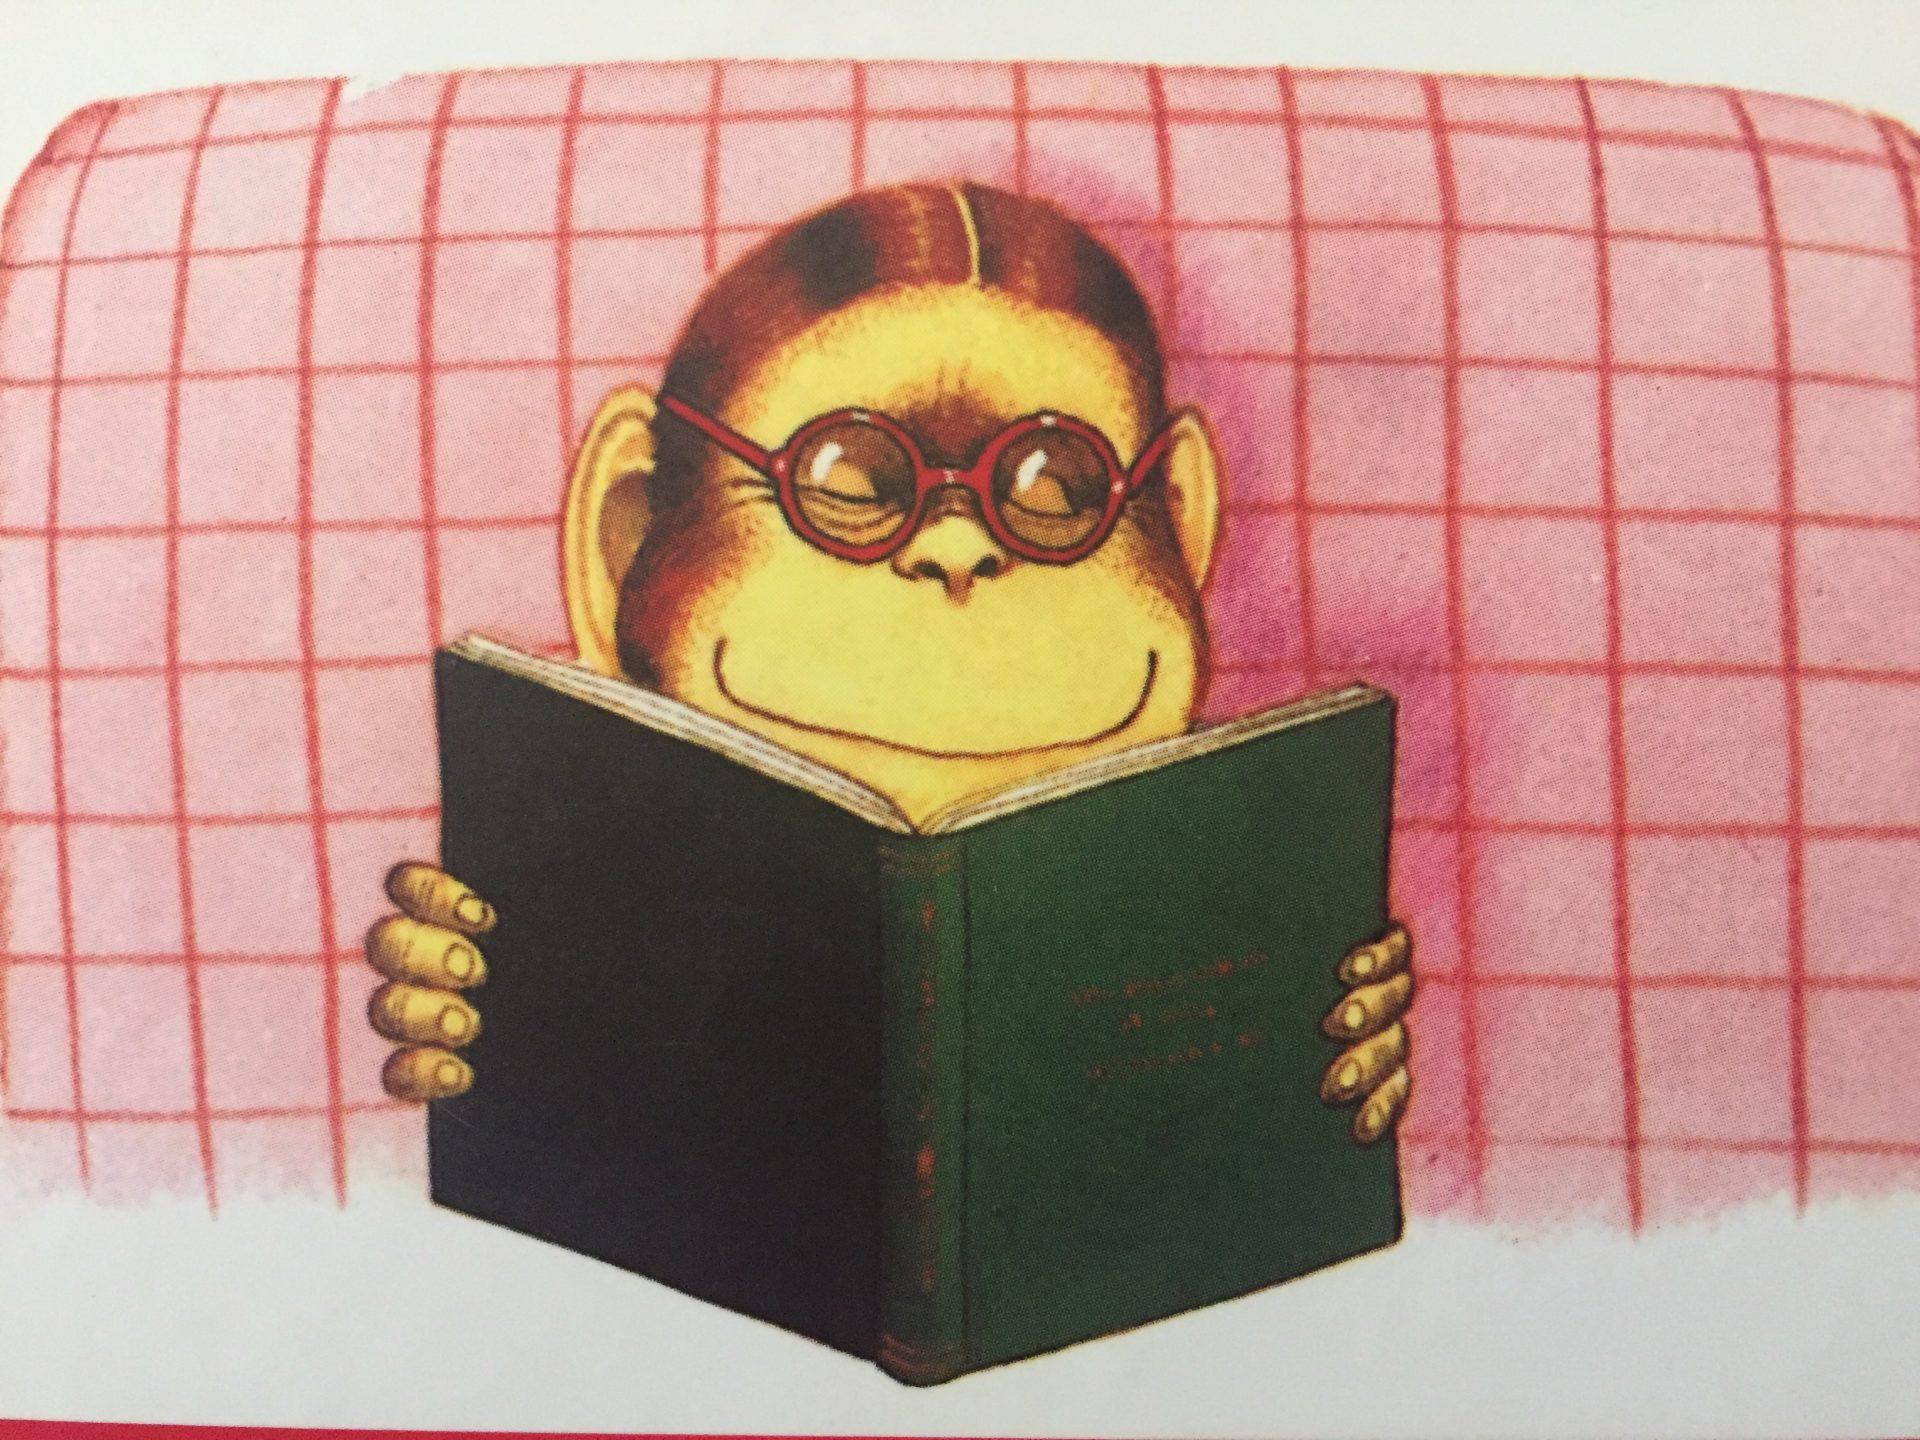 Livros que fazem as crianças crescerem #51: Willy e Anthony